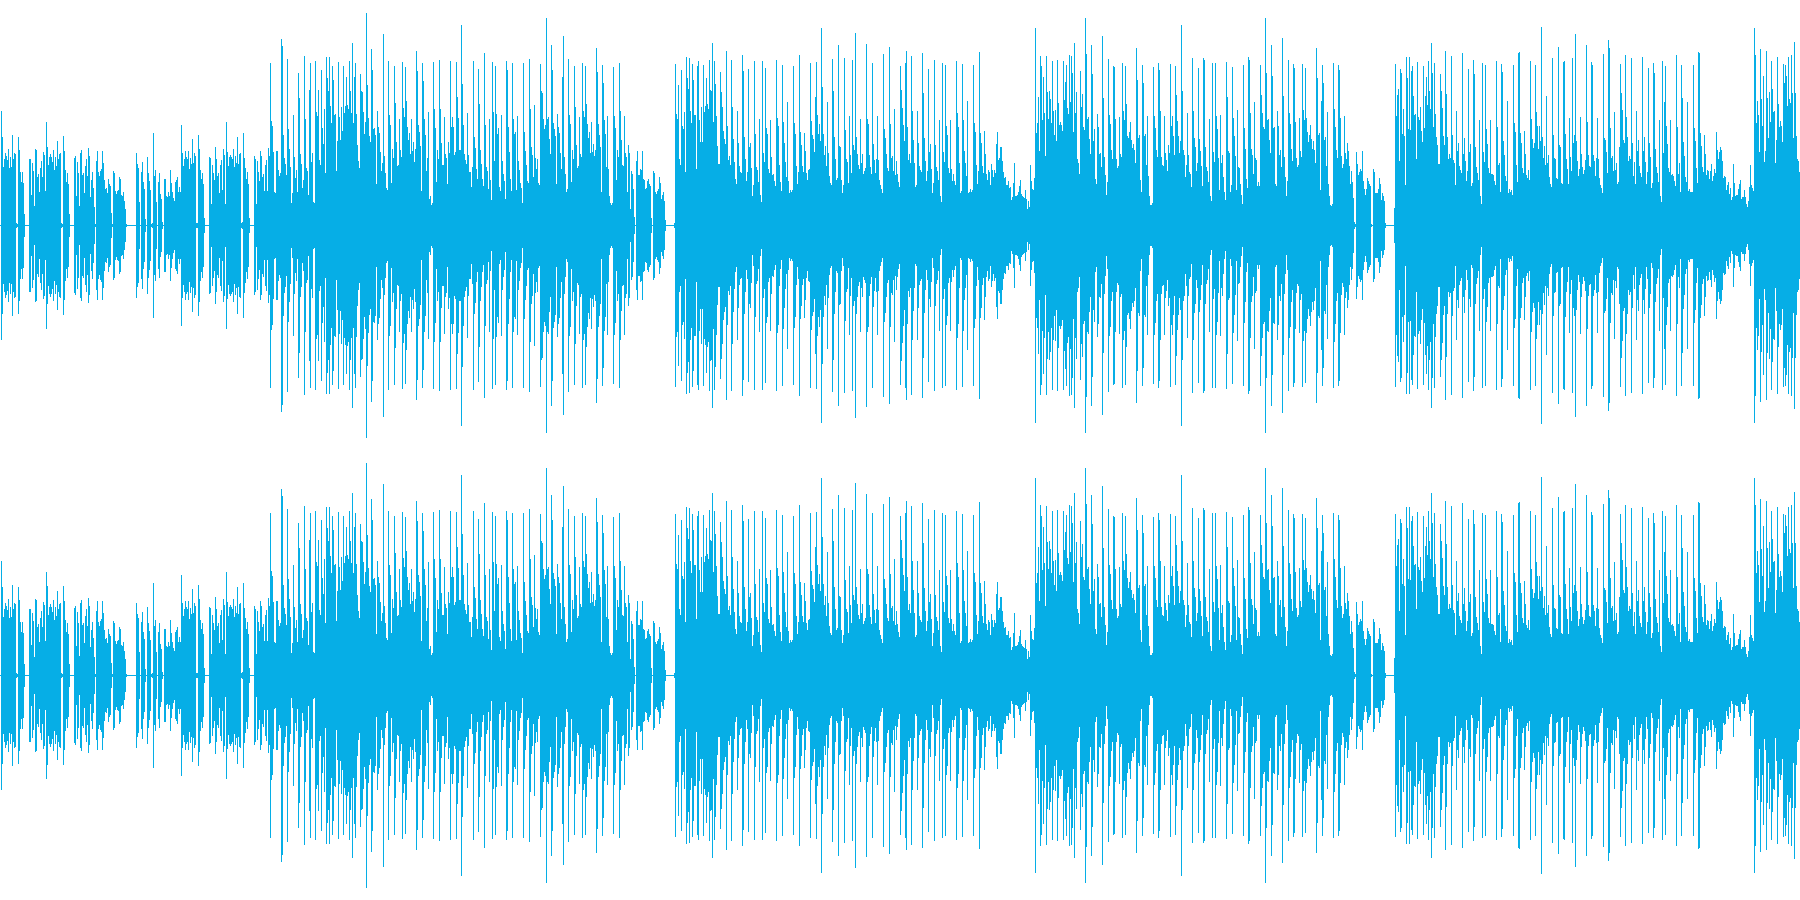 【コミカルな雰囲気のポップス】の再生済みの波形